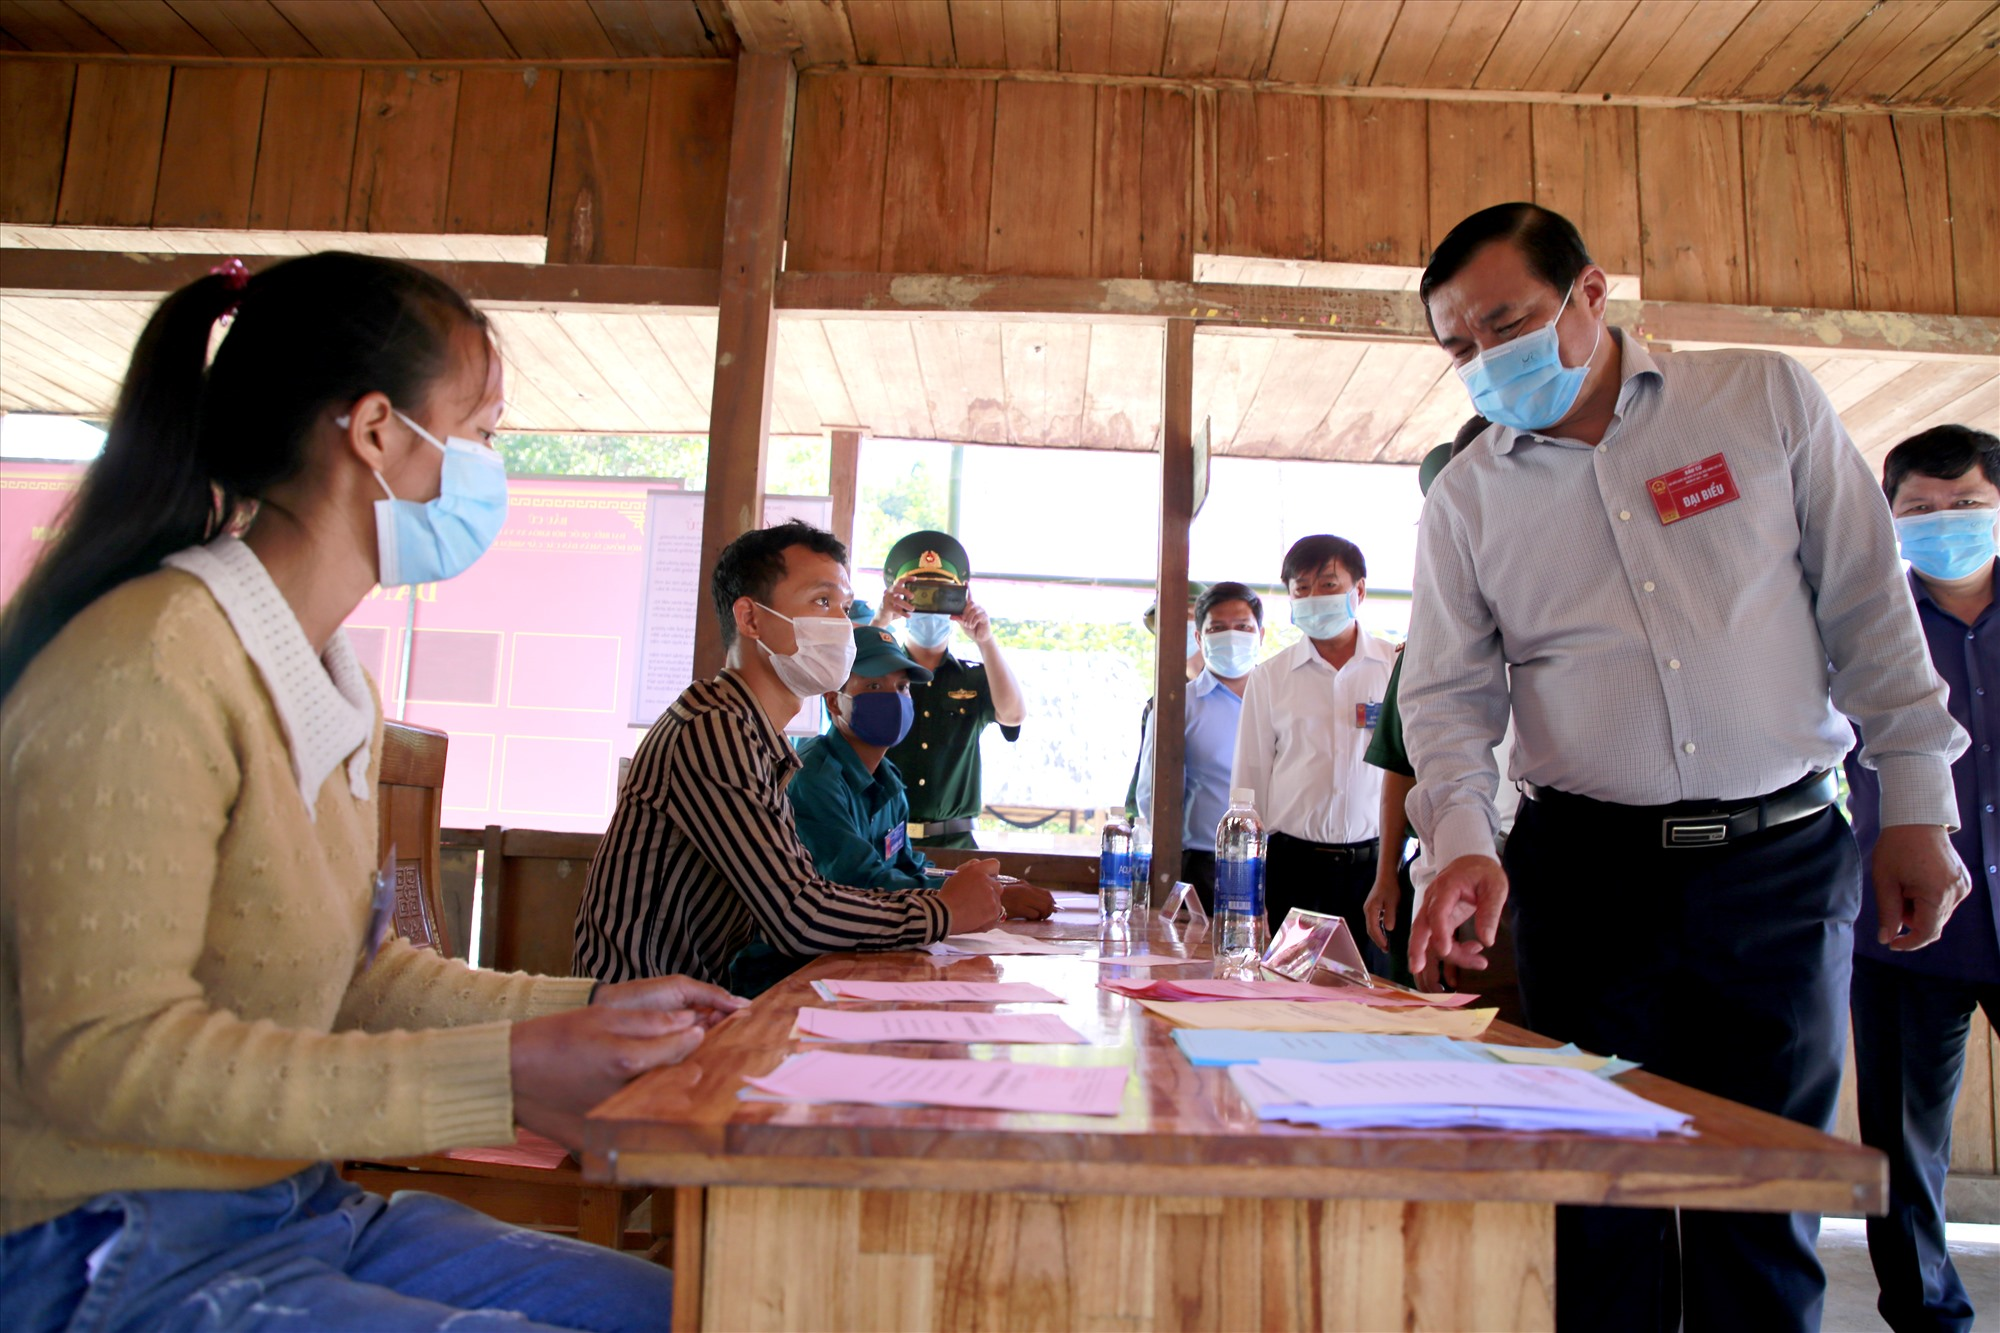 Bí thư Tỉnh ủy, Chủ tịch Ủy ban Bầu cử tỉnh Phan Việt Cường kiểm tra công tác bầu cử sớm tại xã La Êê. Ảnh: THÀNH CÔNG